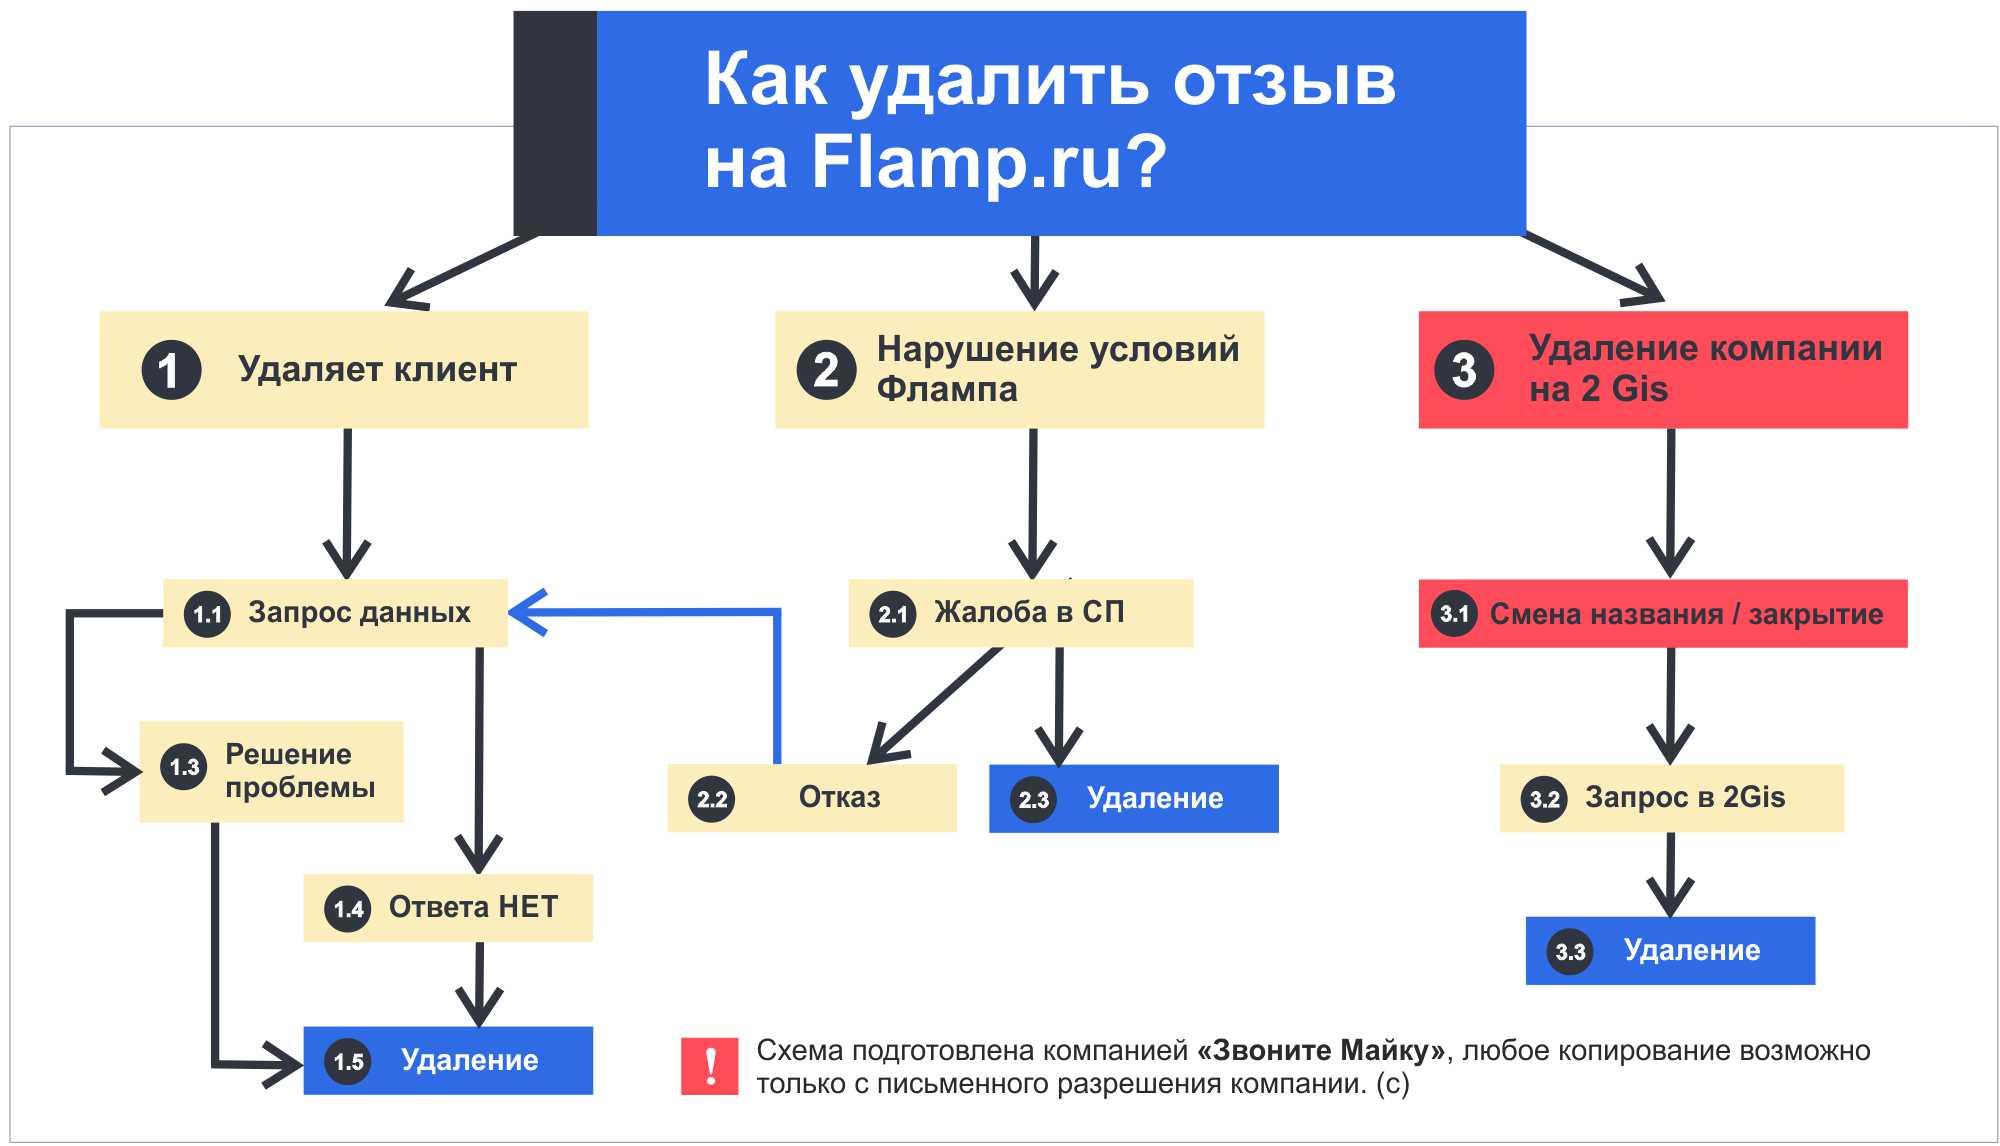 Схема удаления отзывов на Флампе